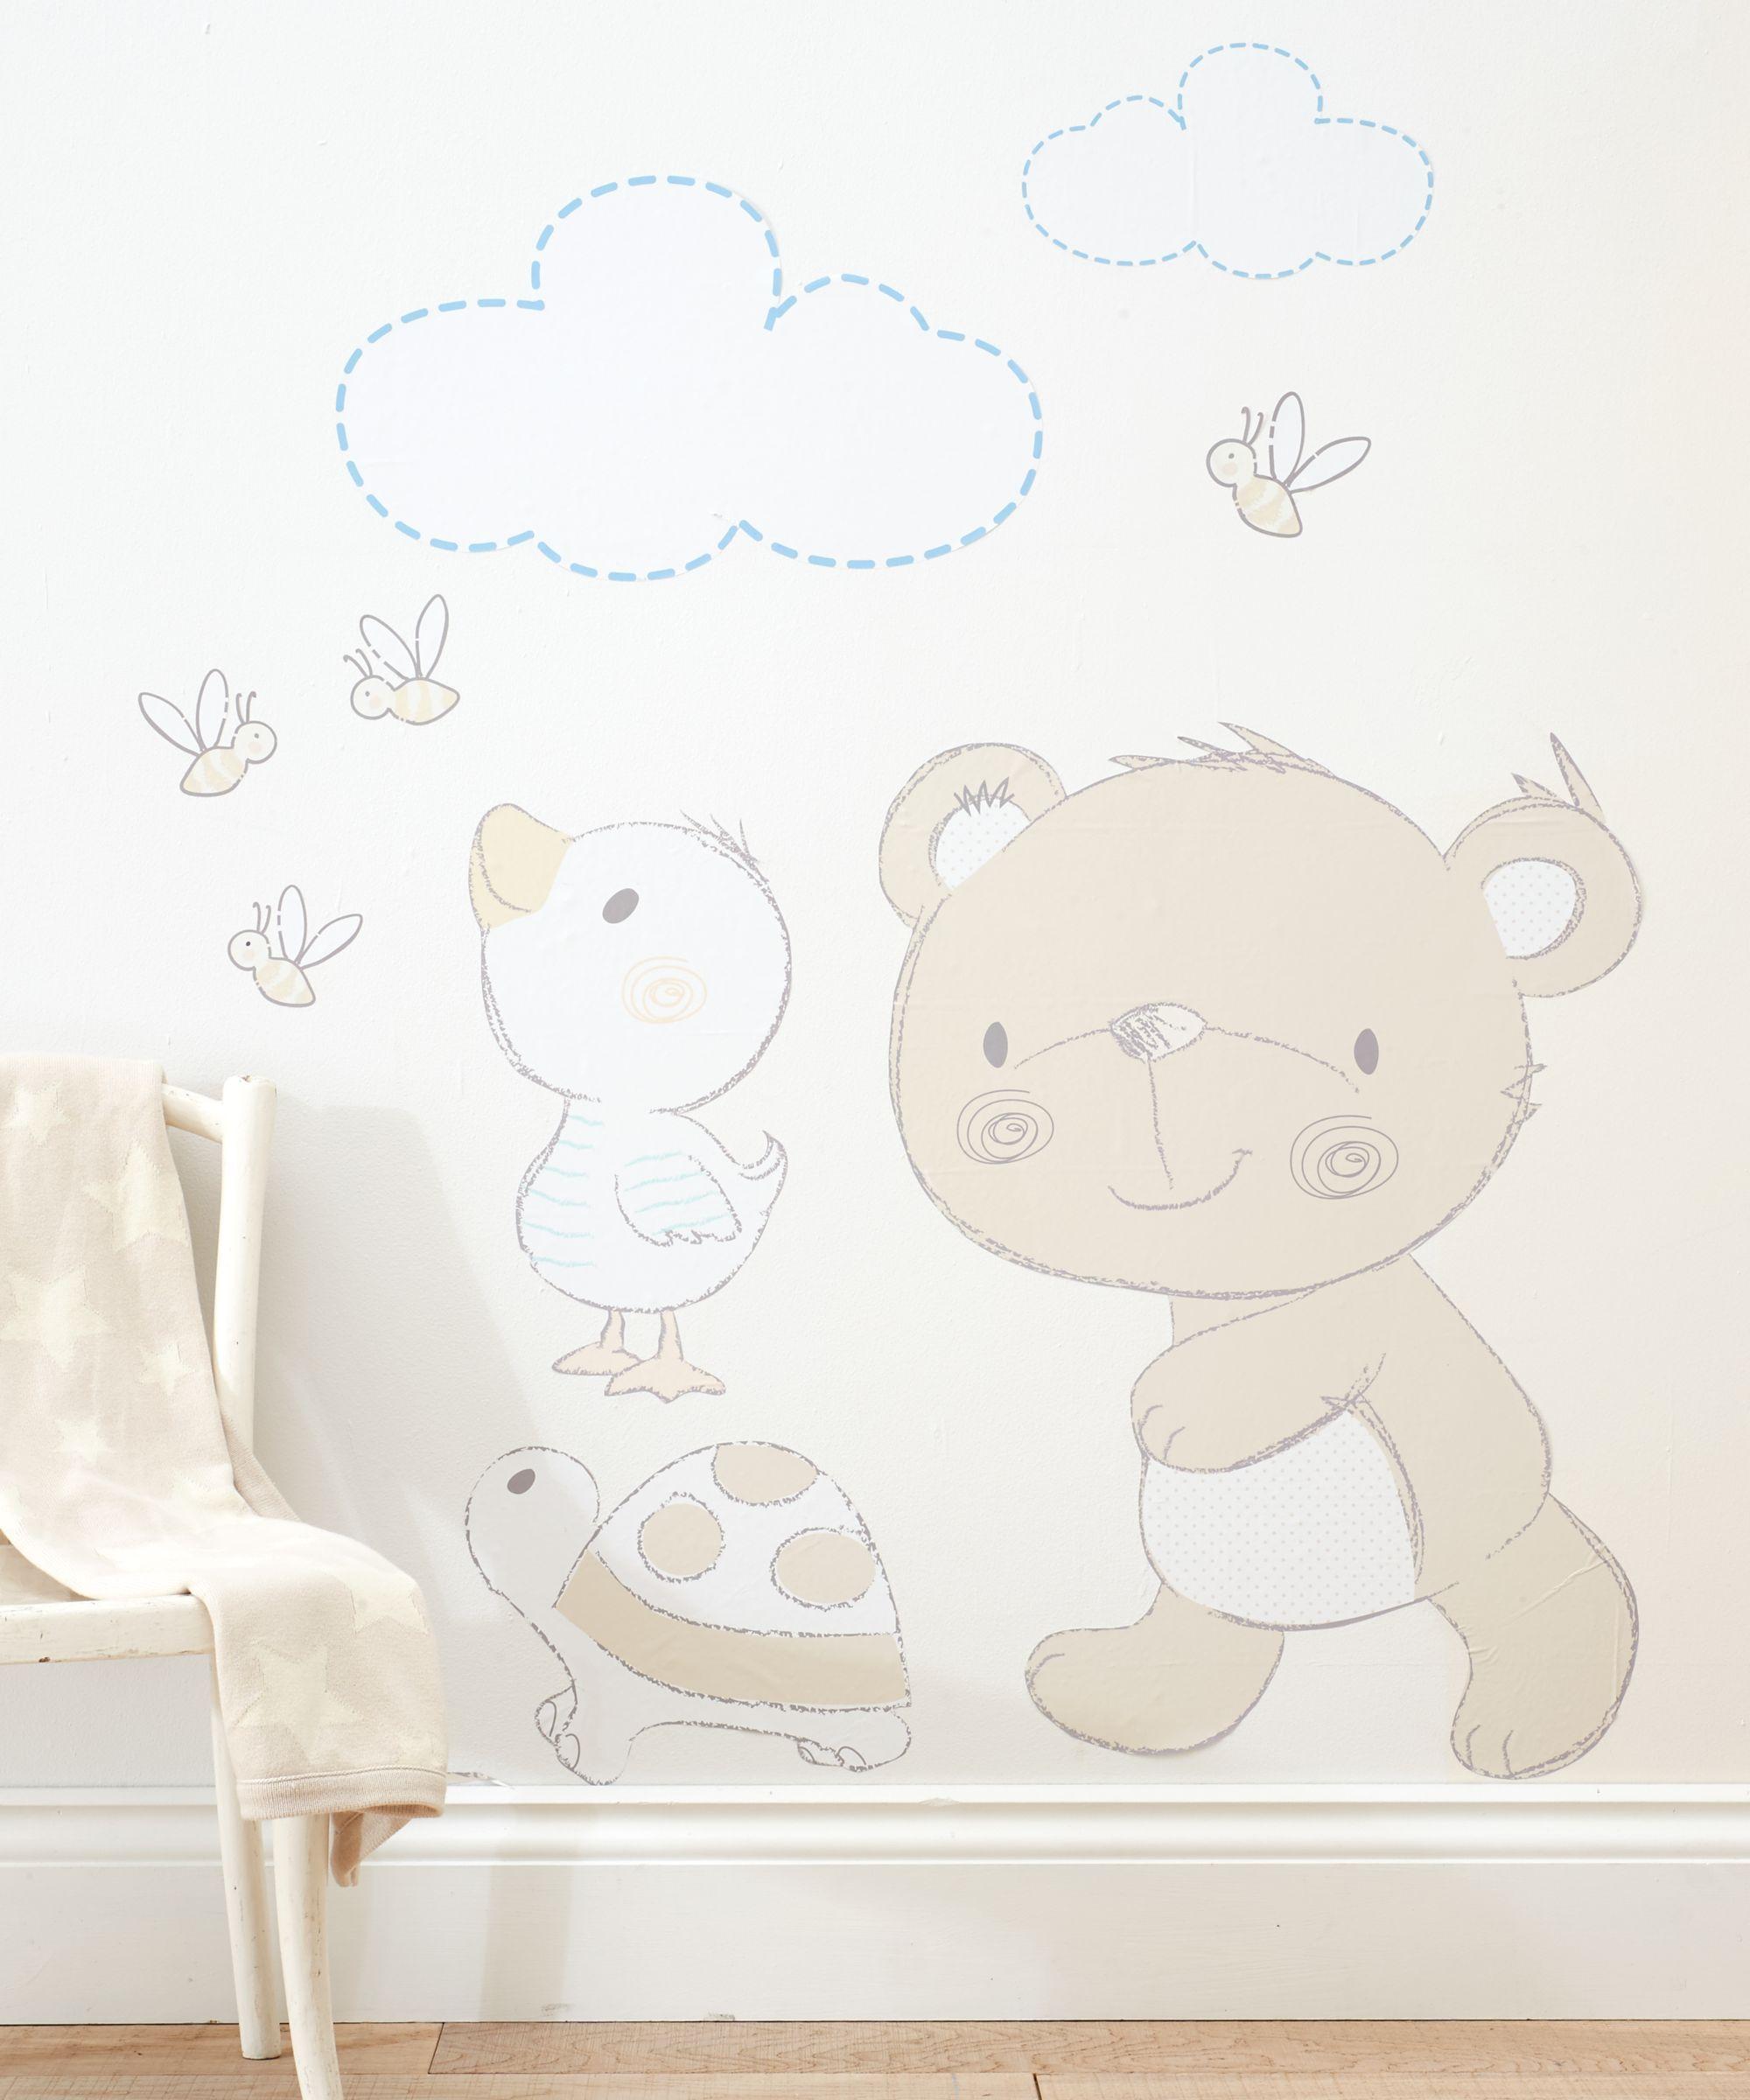 die besten 25 mothercare online ideen auf pinterest baby spielzeug 6 monate sieben monate. Black Bedroom Furniture Sets. Home Design Ideas